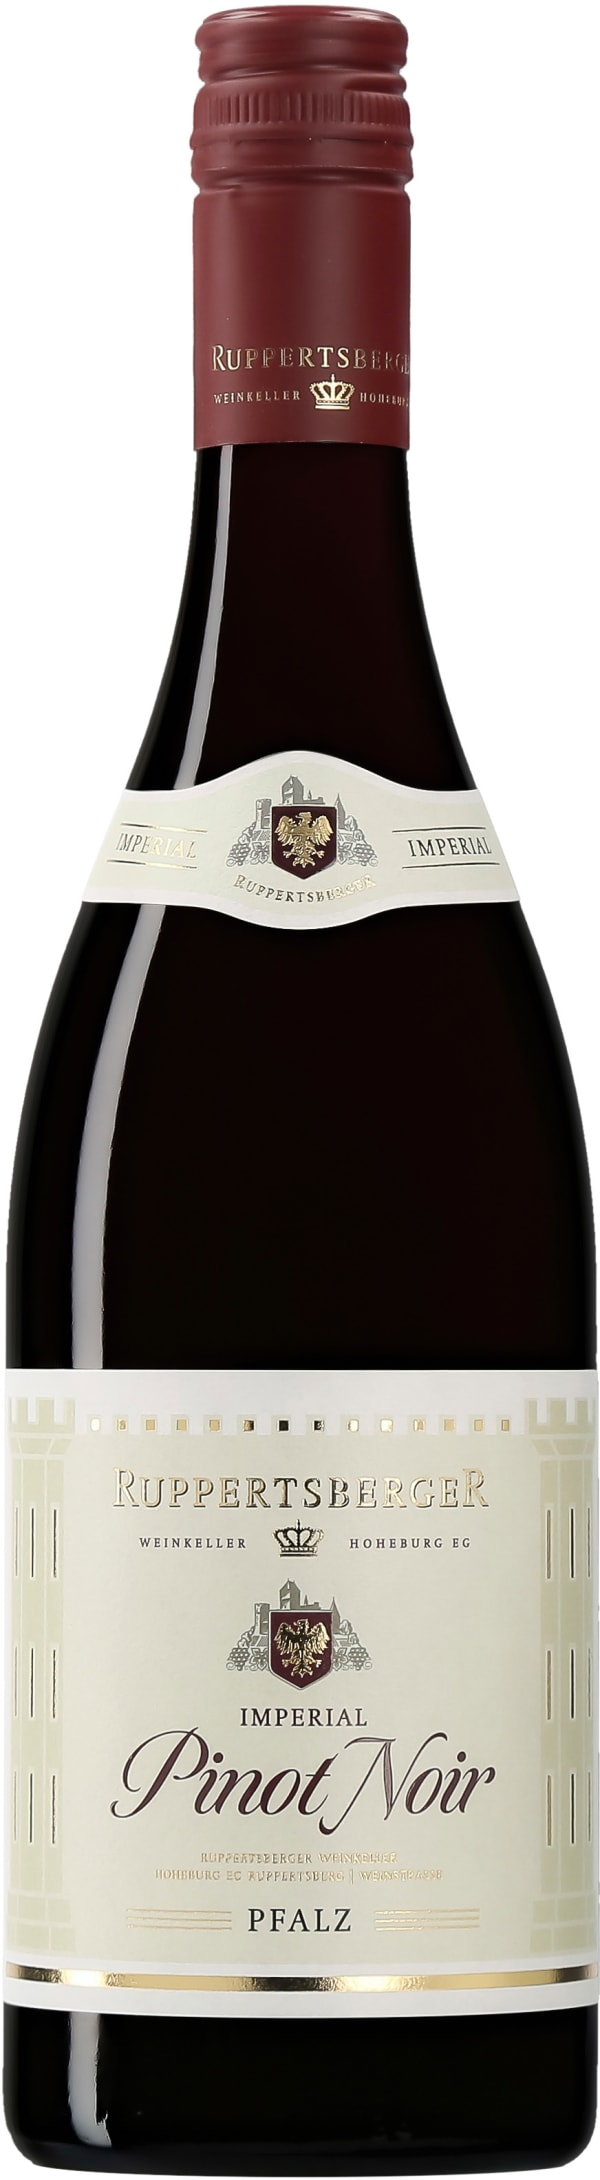 Ruppertsberger Imperial Pinot Noir 2019